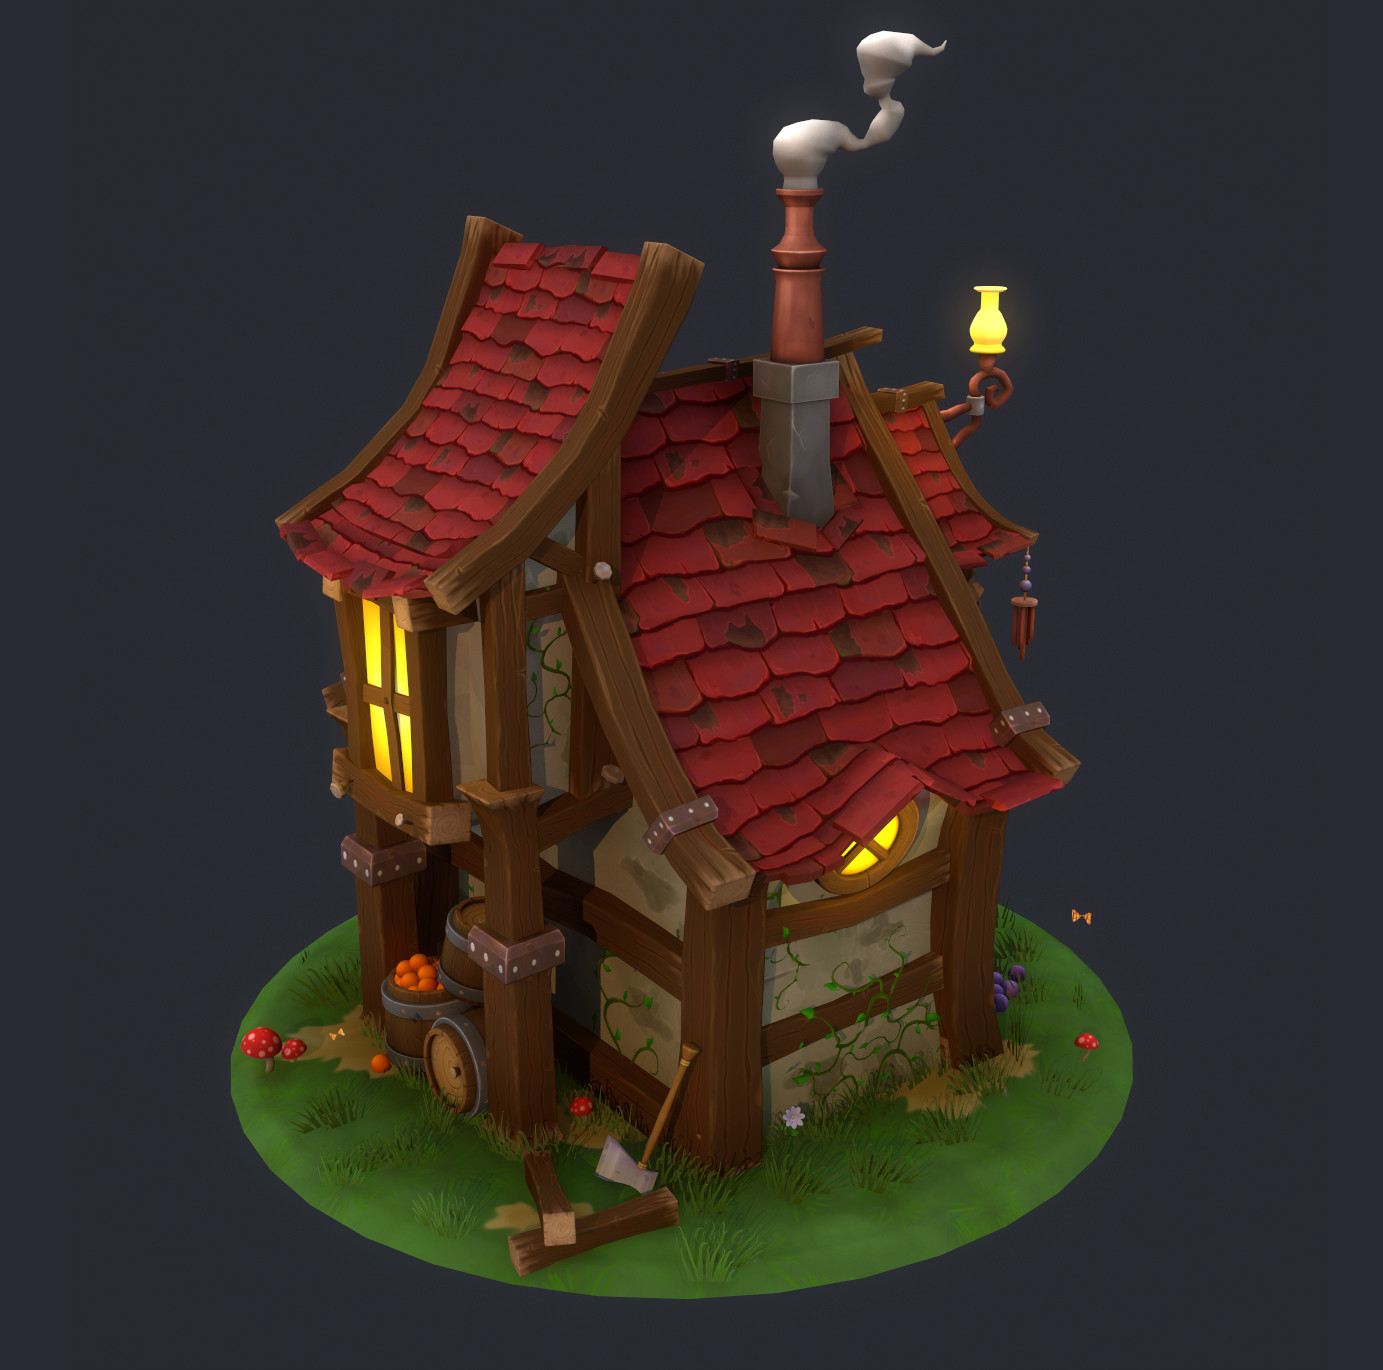 Stylized Fantasy House